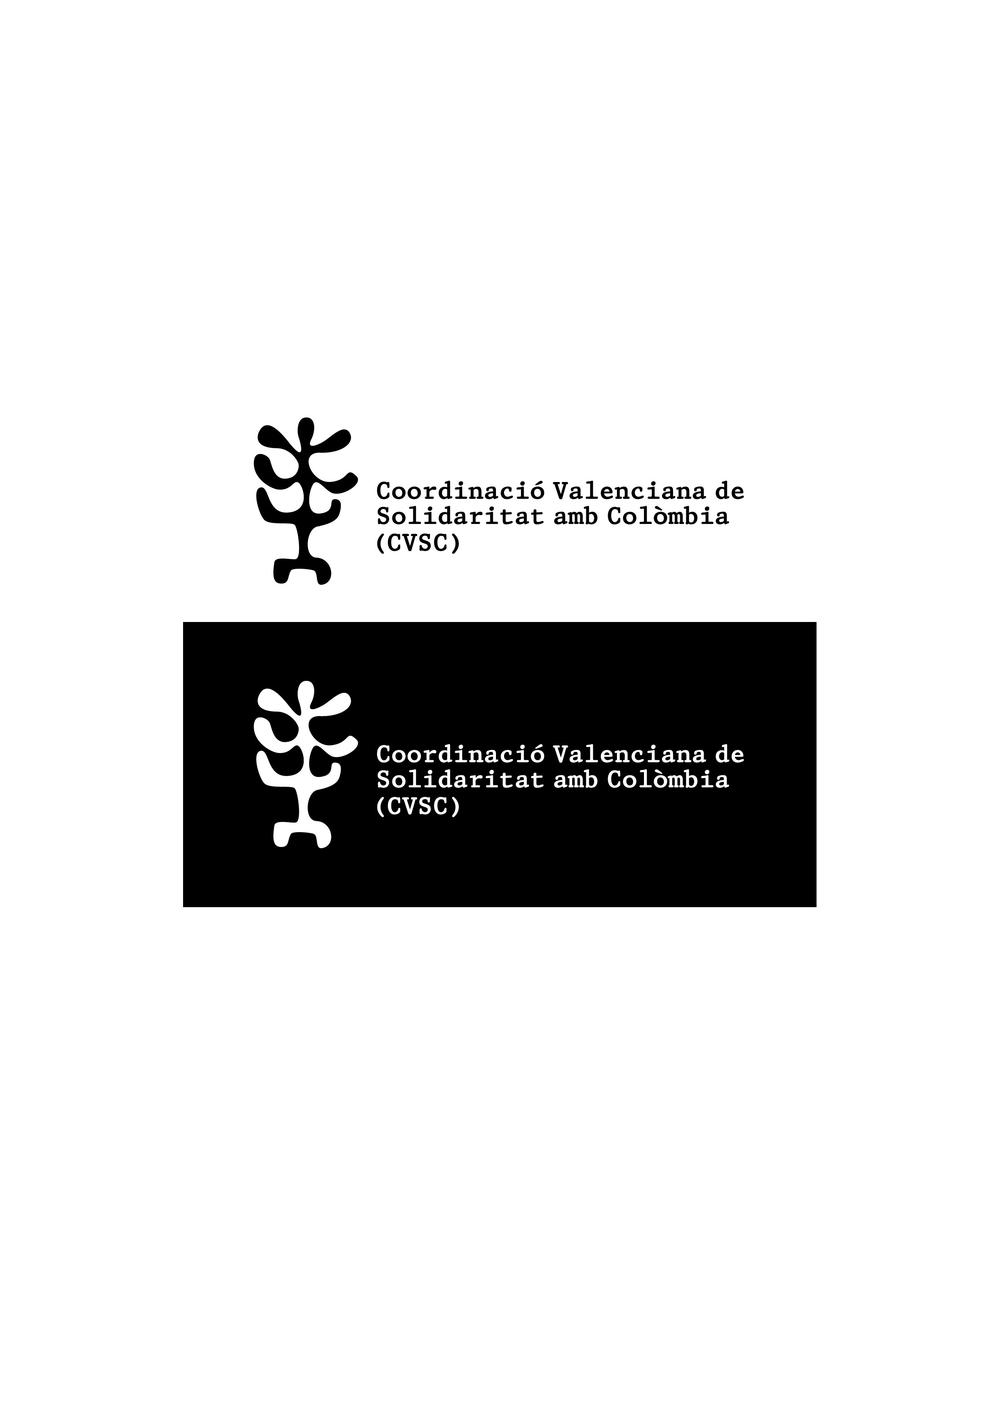 Logotipo para la ONG Coordinació Valenciana de Solidaritat amb Colombia (CVSC)